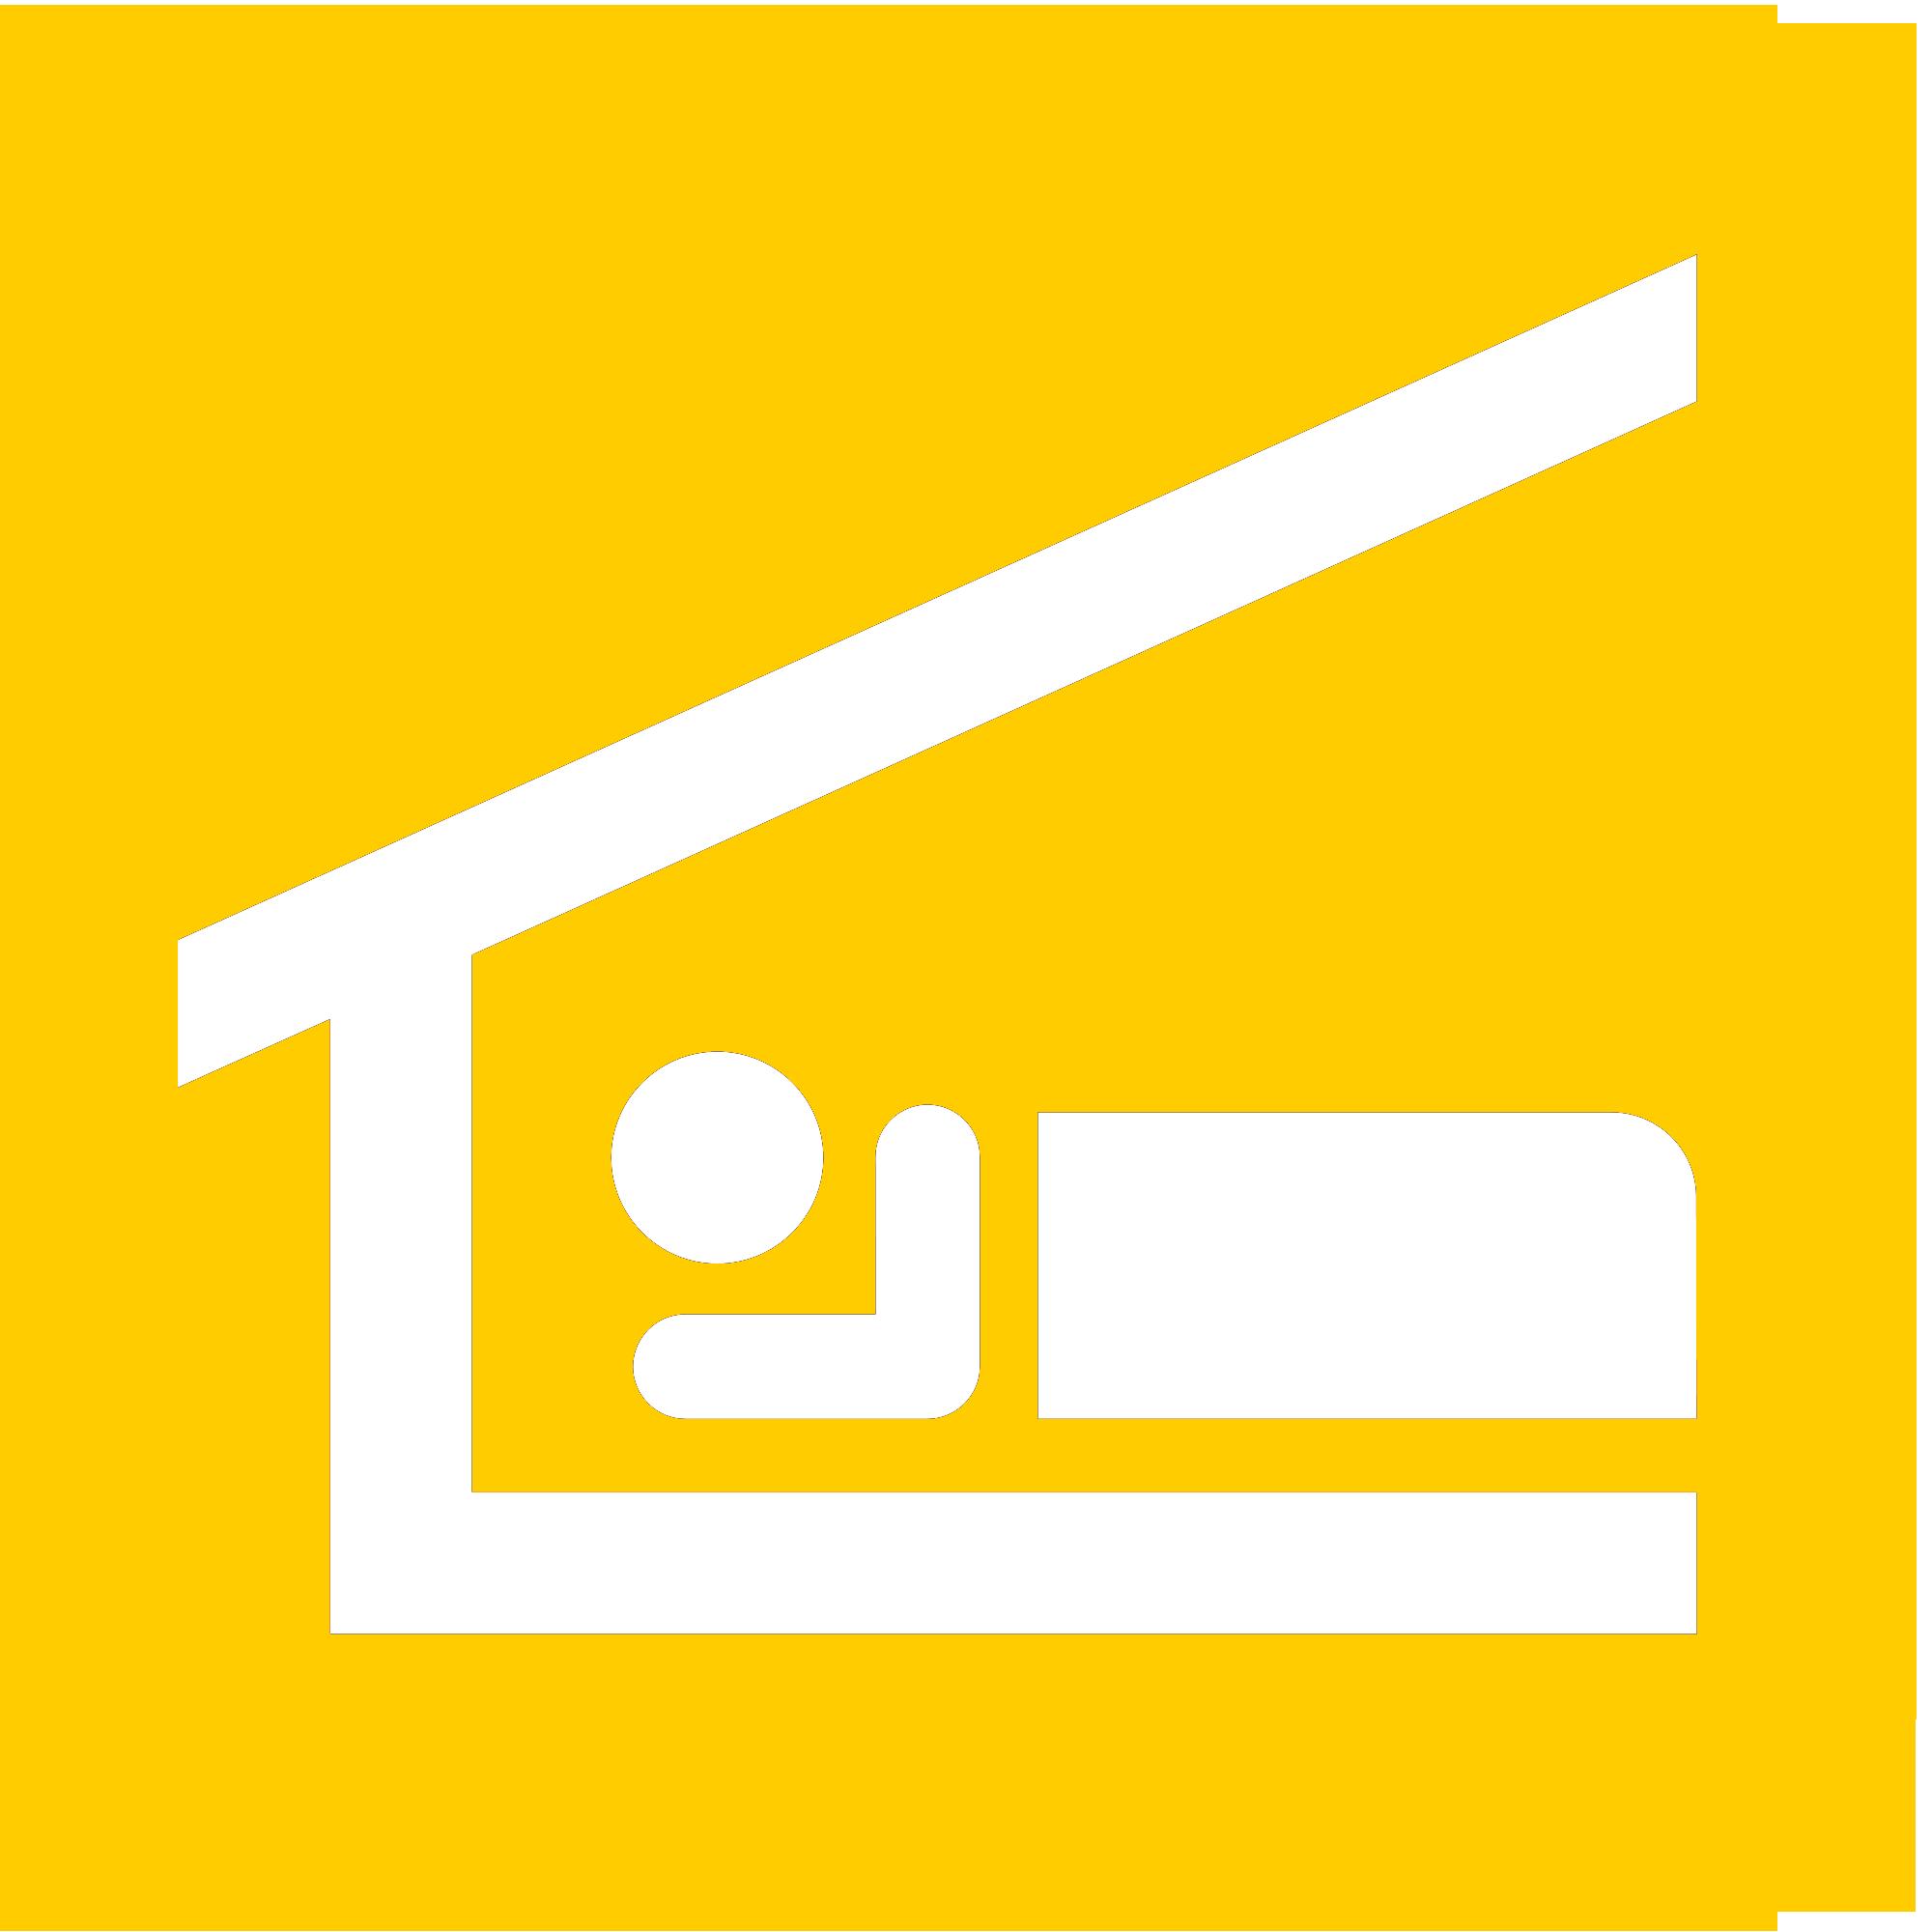 Piktogramm-bett-gelb.png